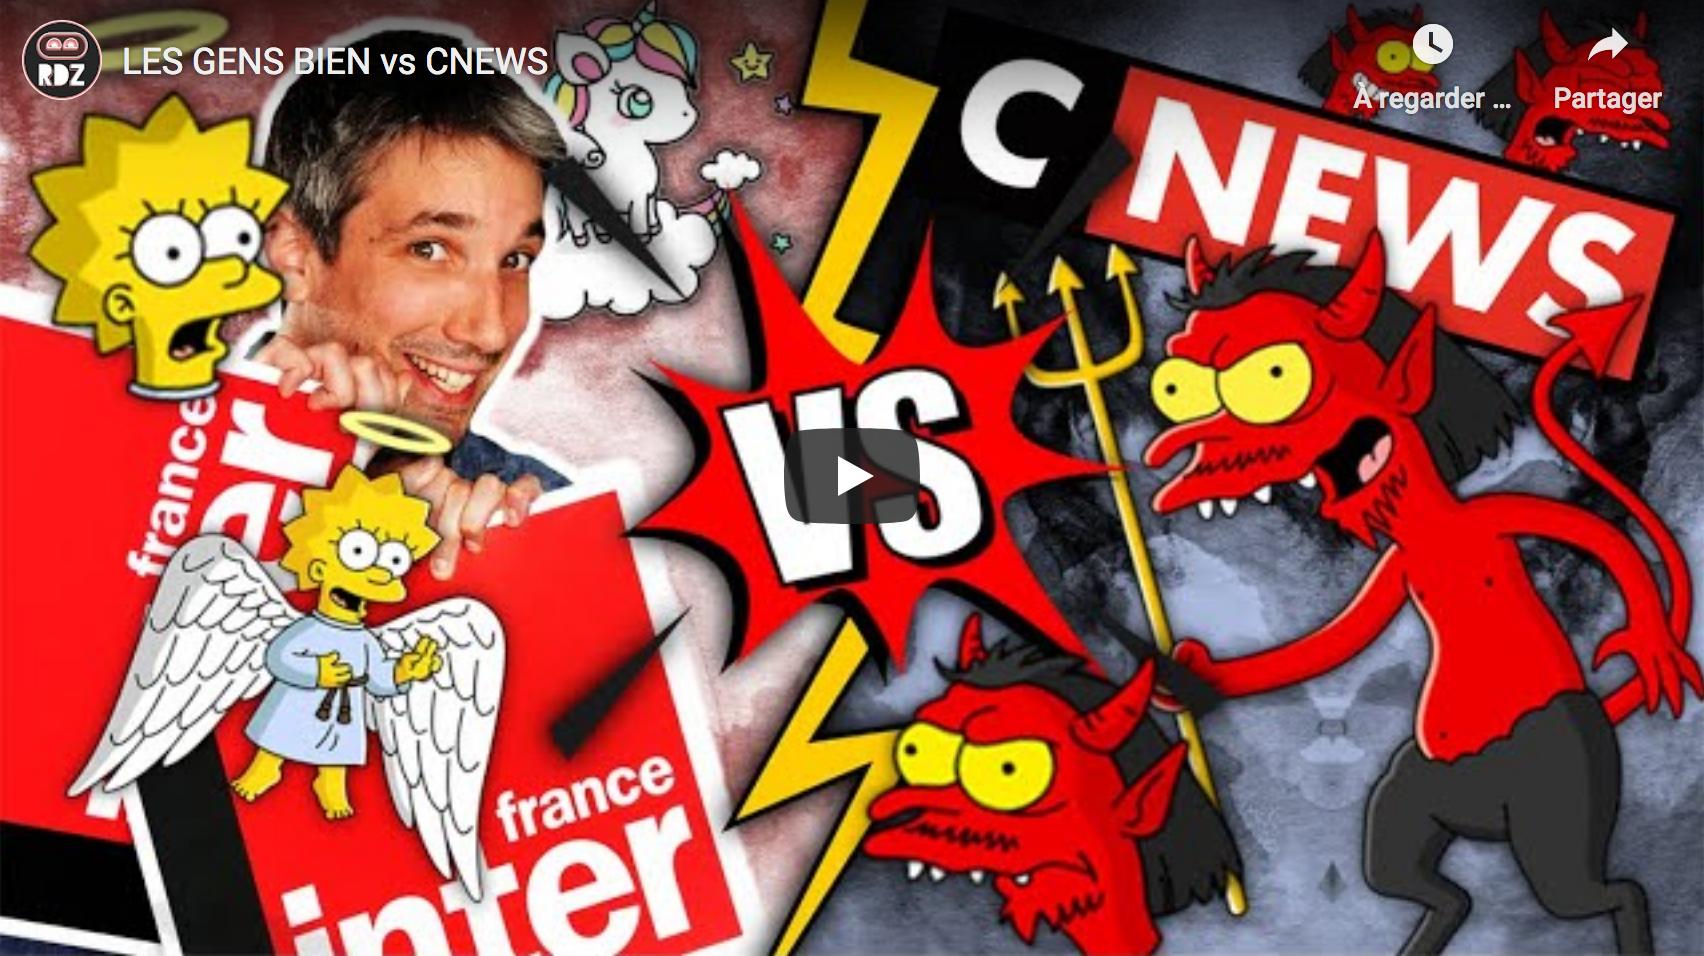 CNEWS dépasse de nouveau BFM TV